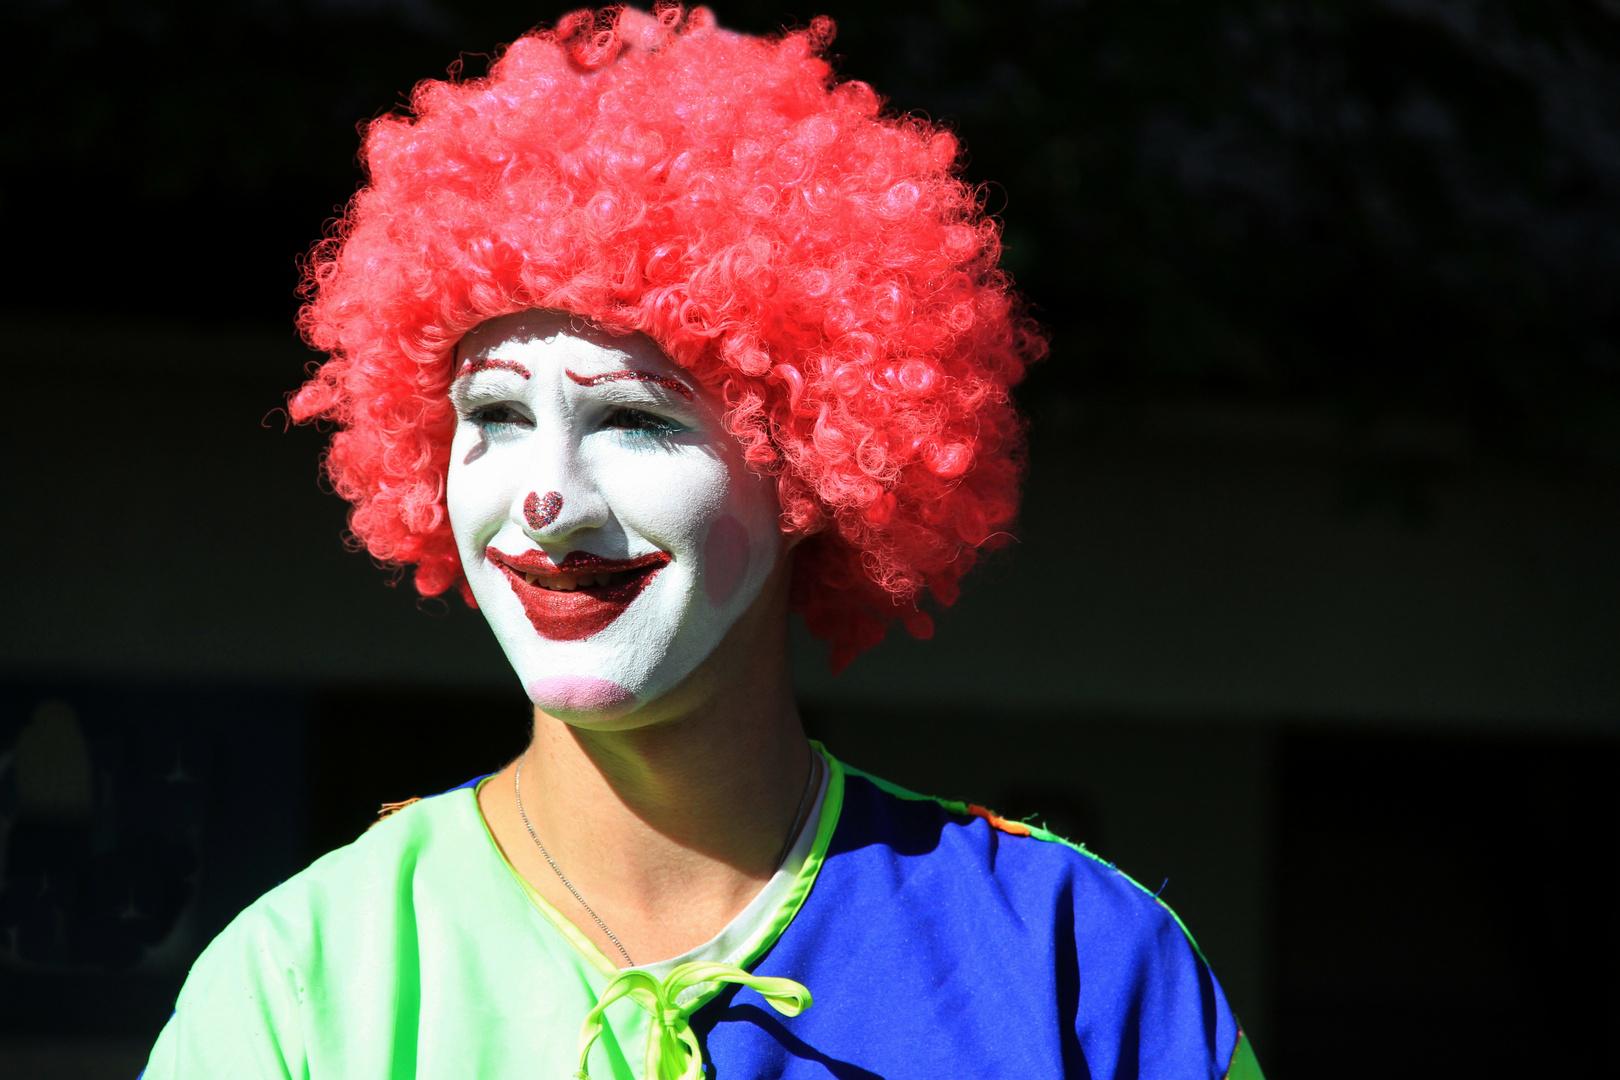 Ansicht eines Clowns